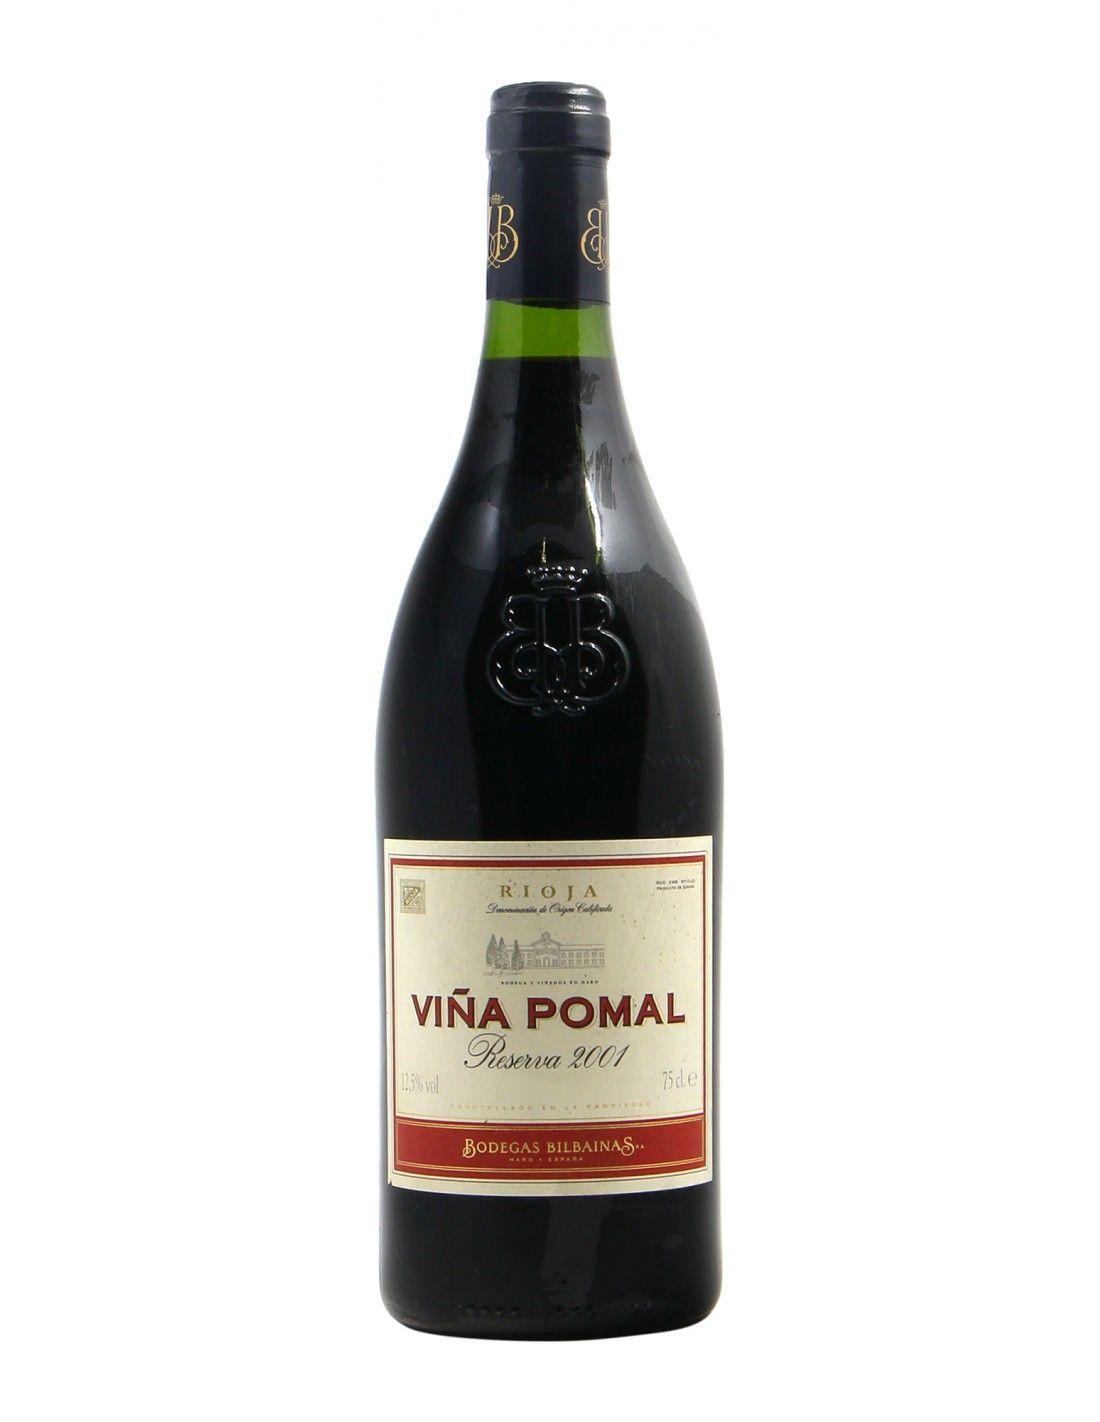 Vina Pomal Riserva 2001 BODEGAS BILBAINAS GRANDI BOTTIGLIE